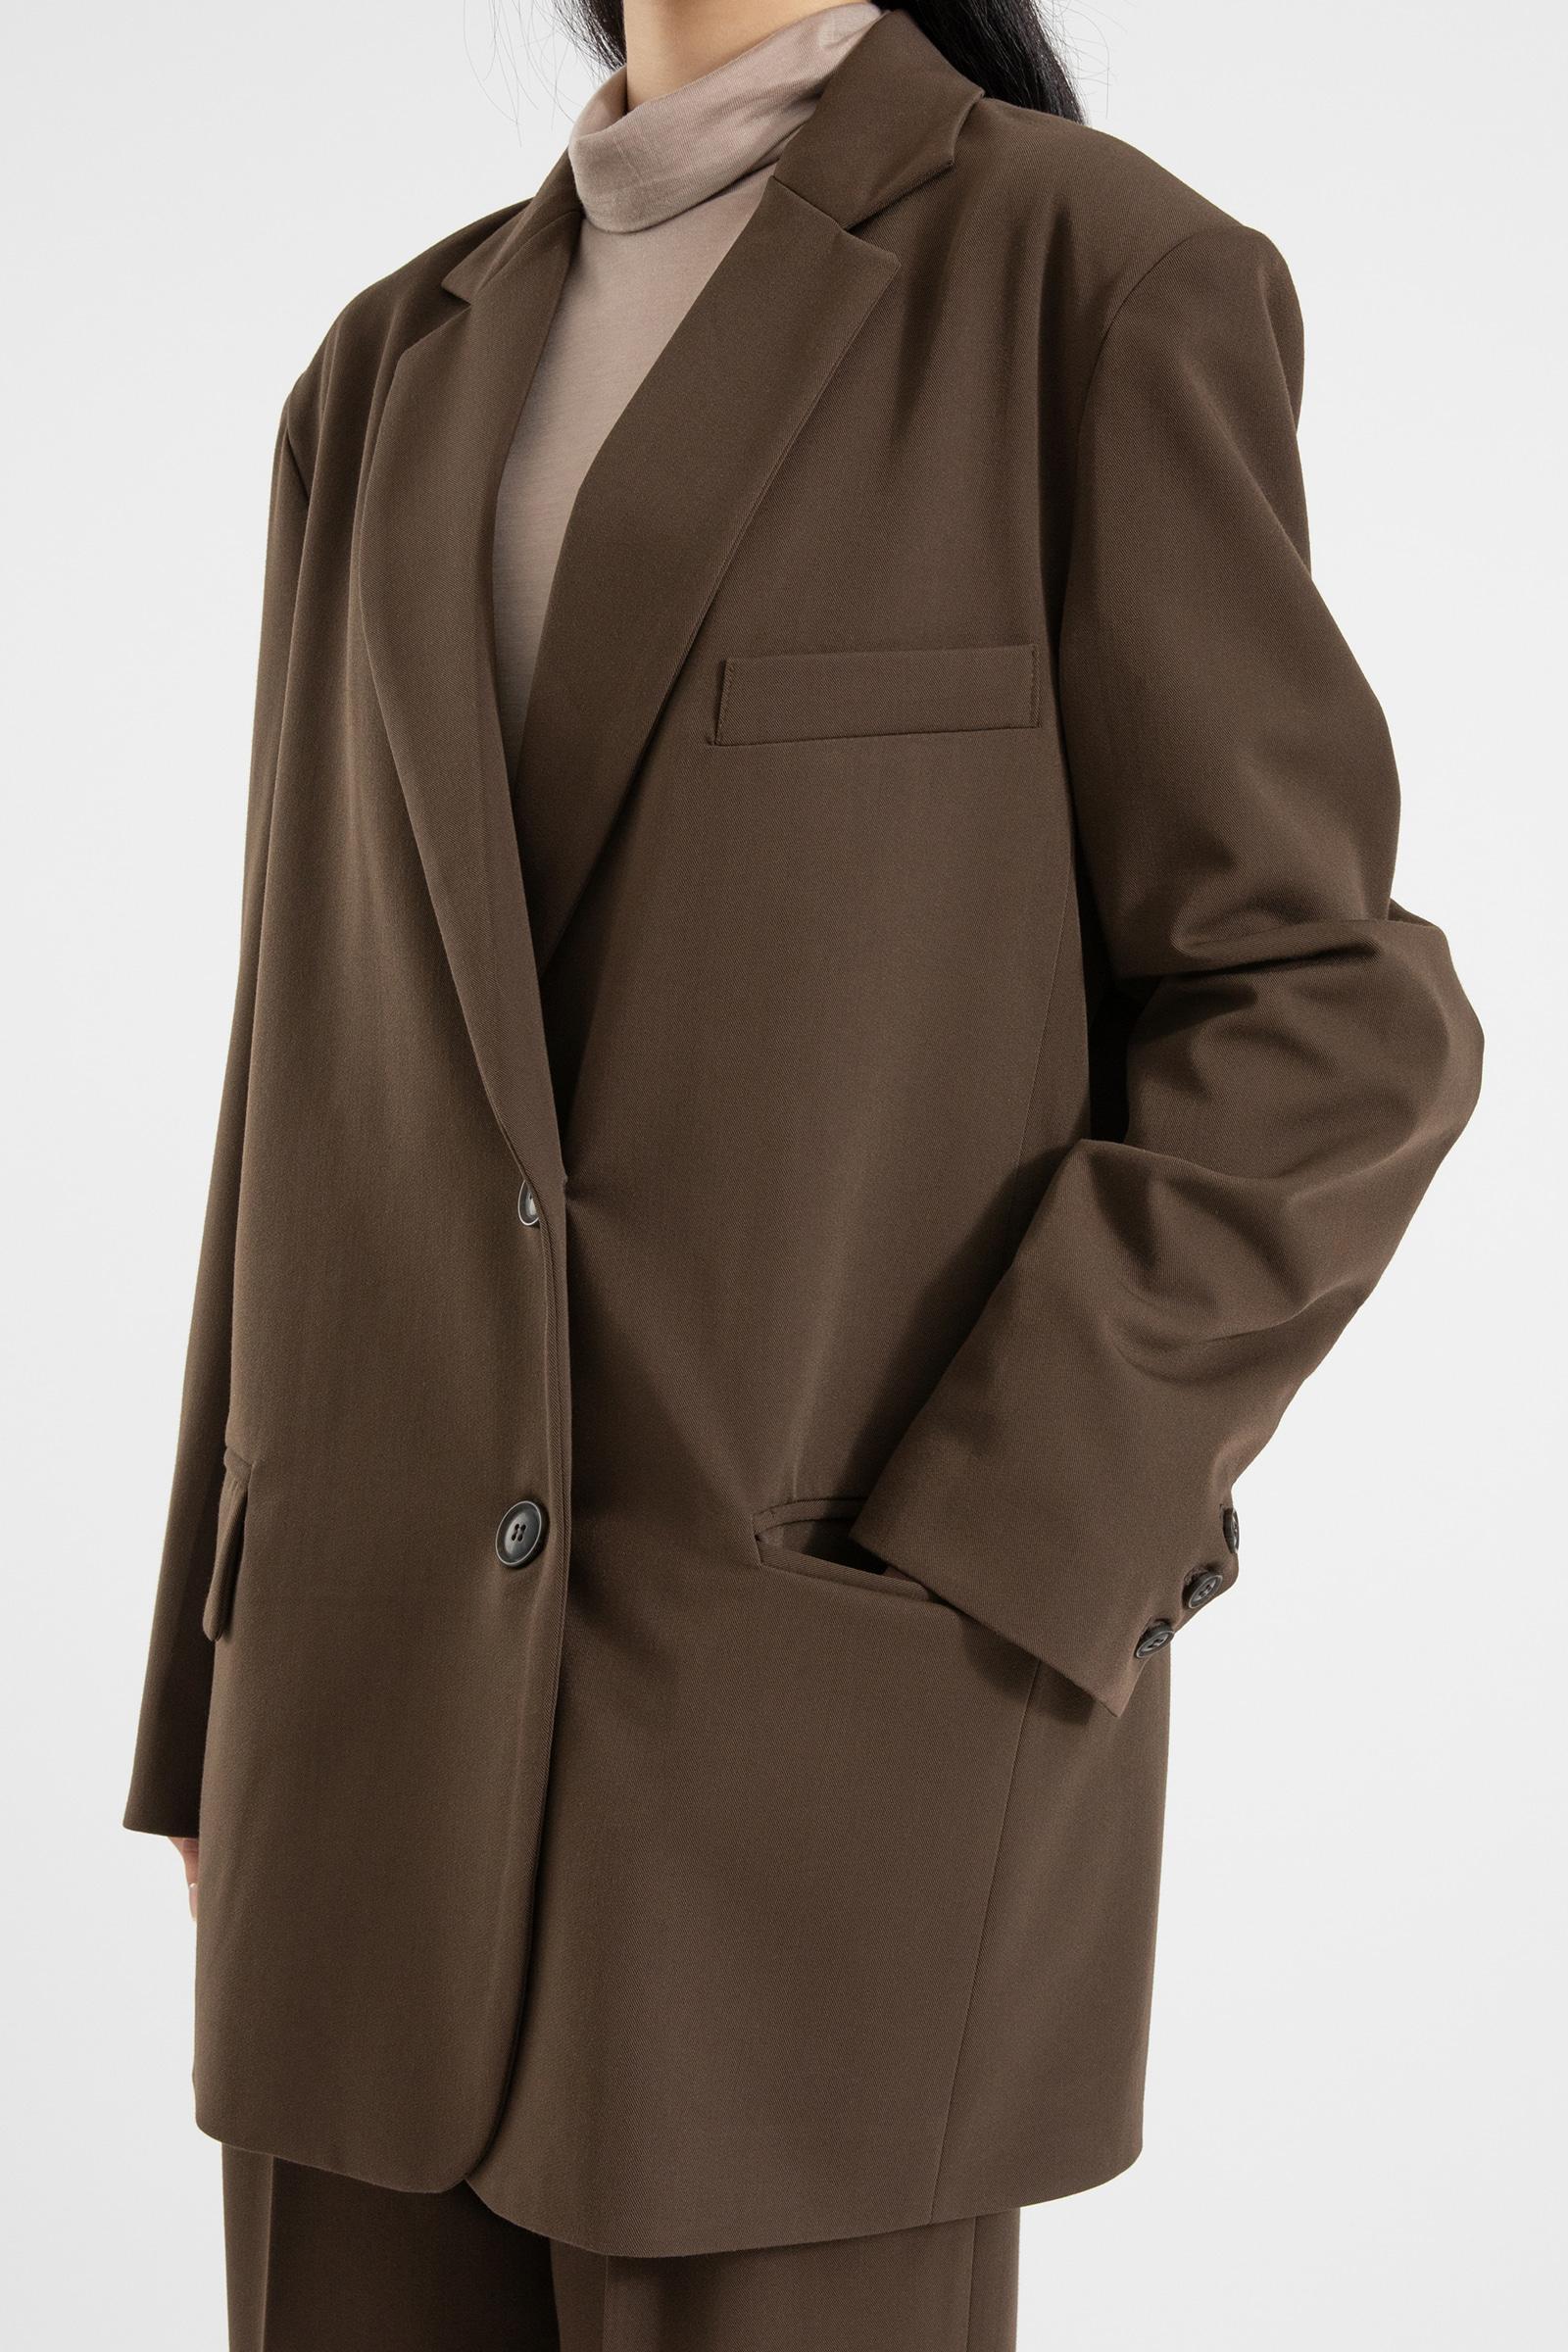 Royce over single jacket